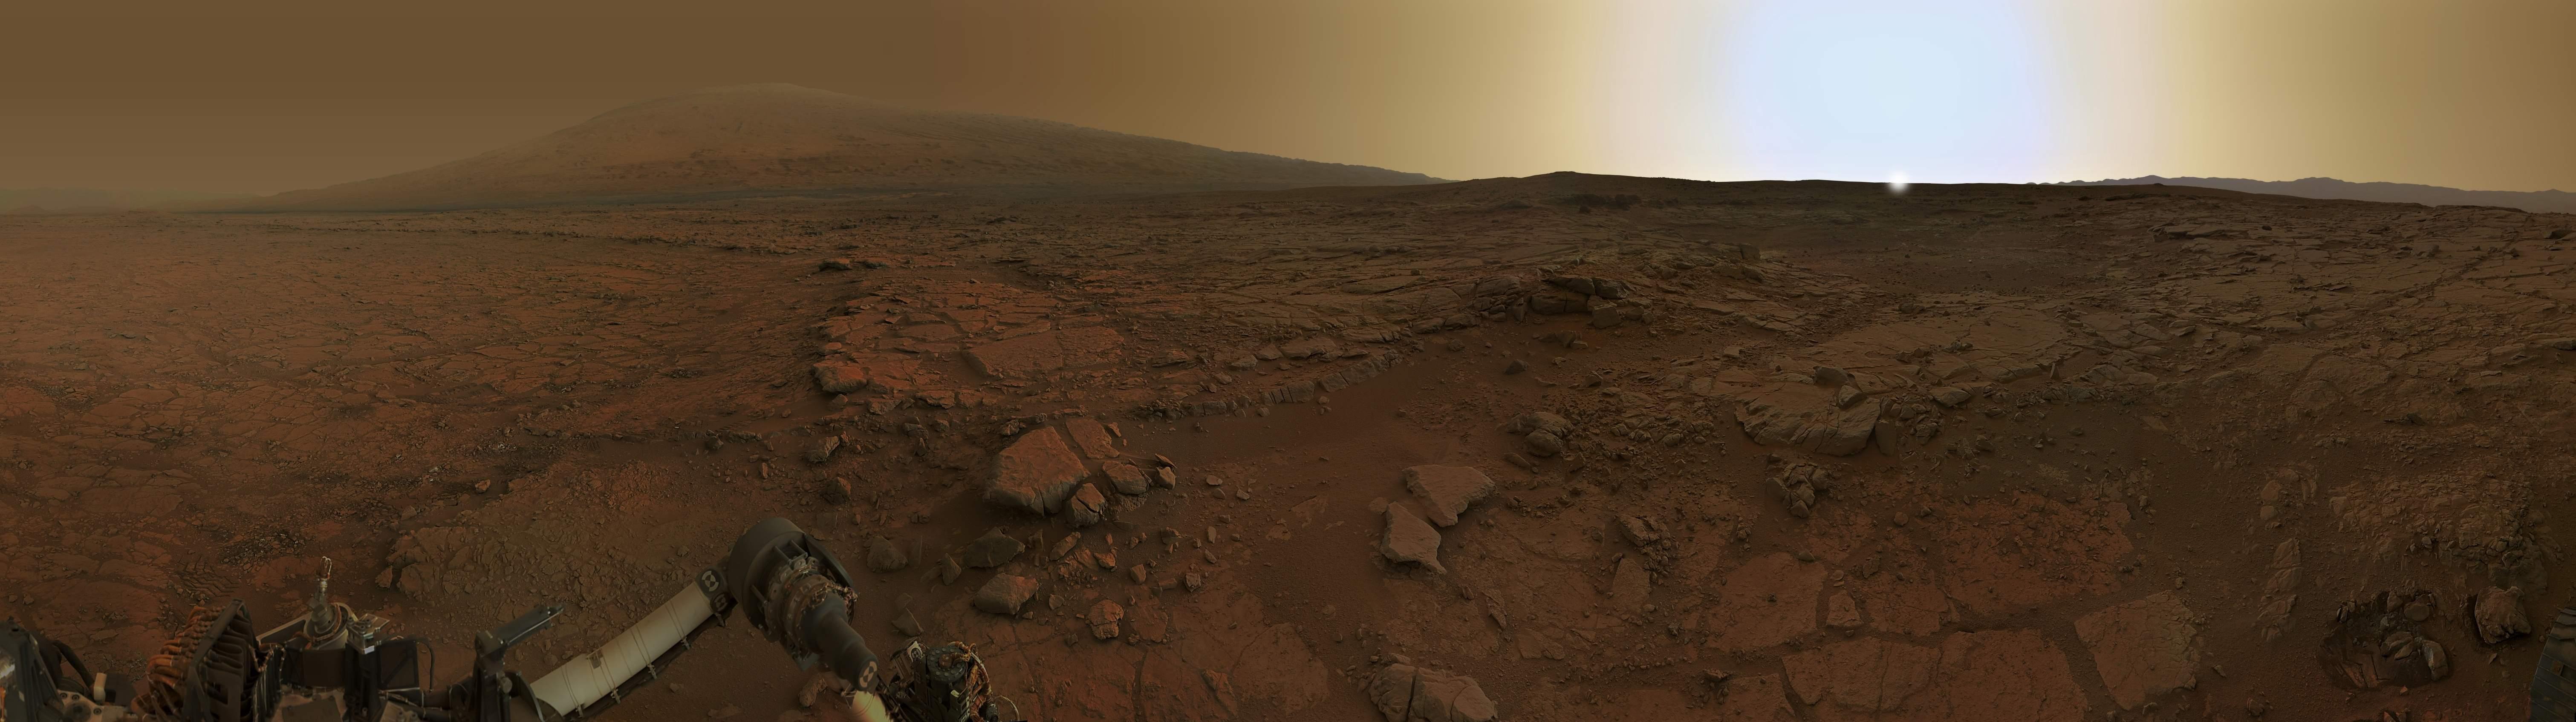 Cum este cerul pe Marte Martian-Sunset-O-de-Goursac-Curiosity-2013